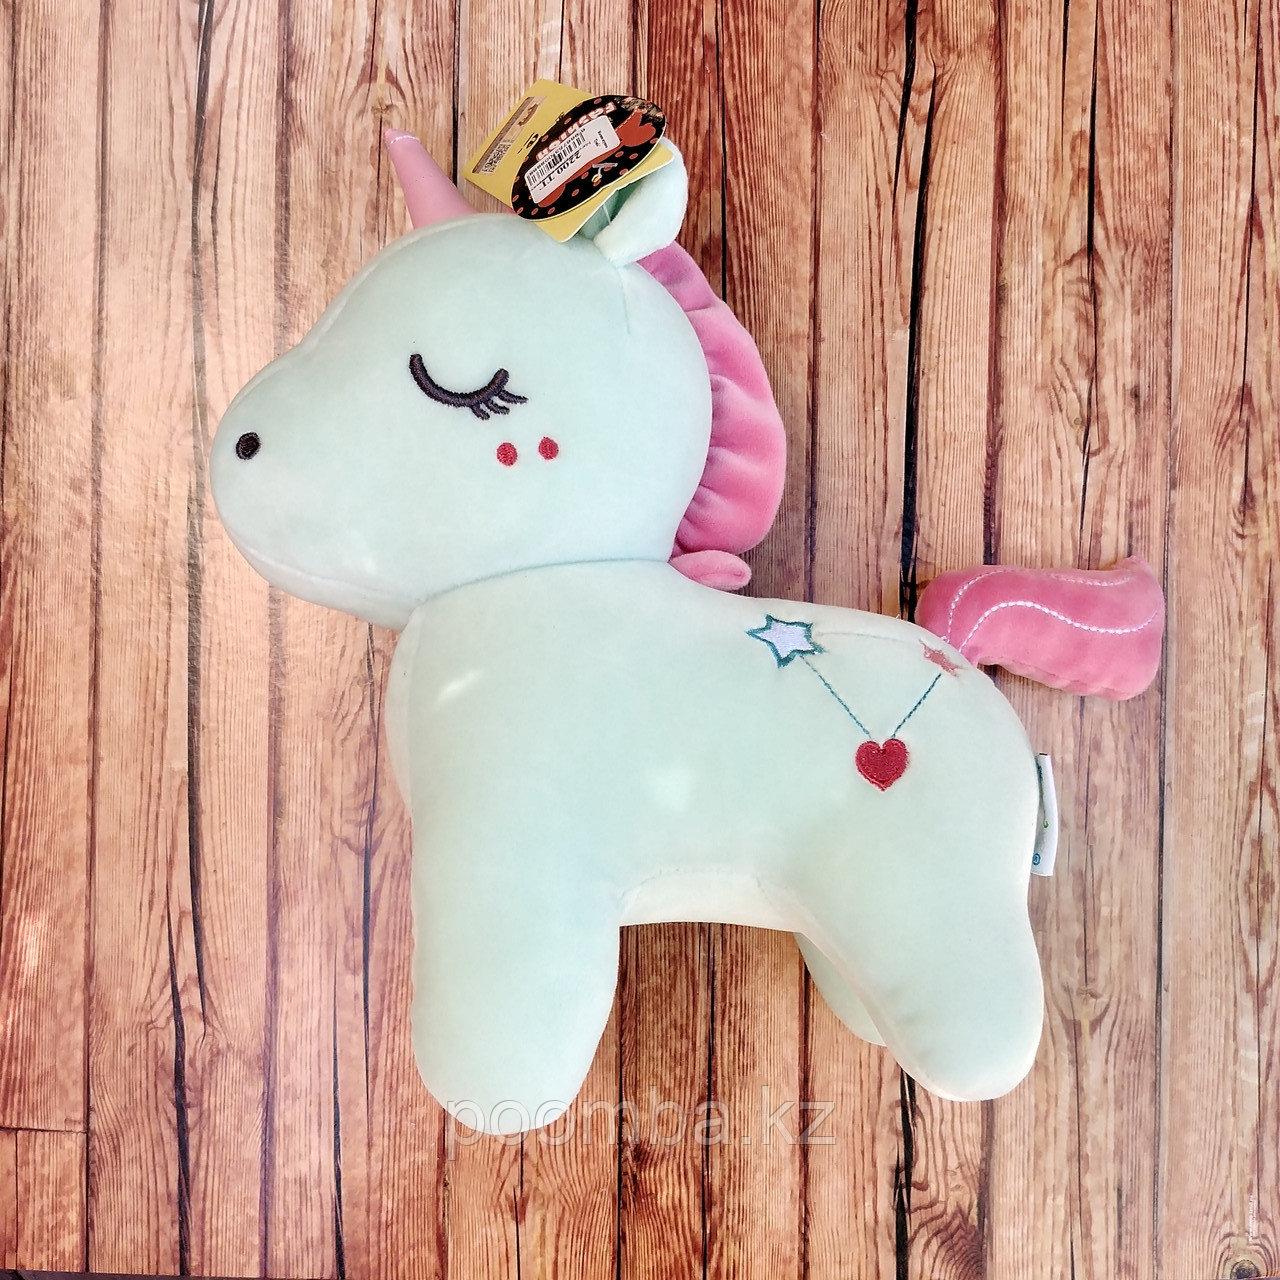 Мягкая игрушка Единорог - бирюзовый